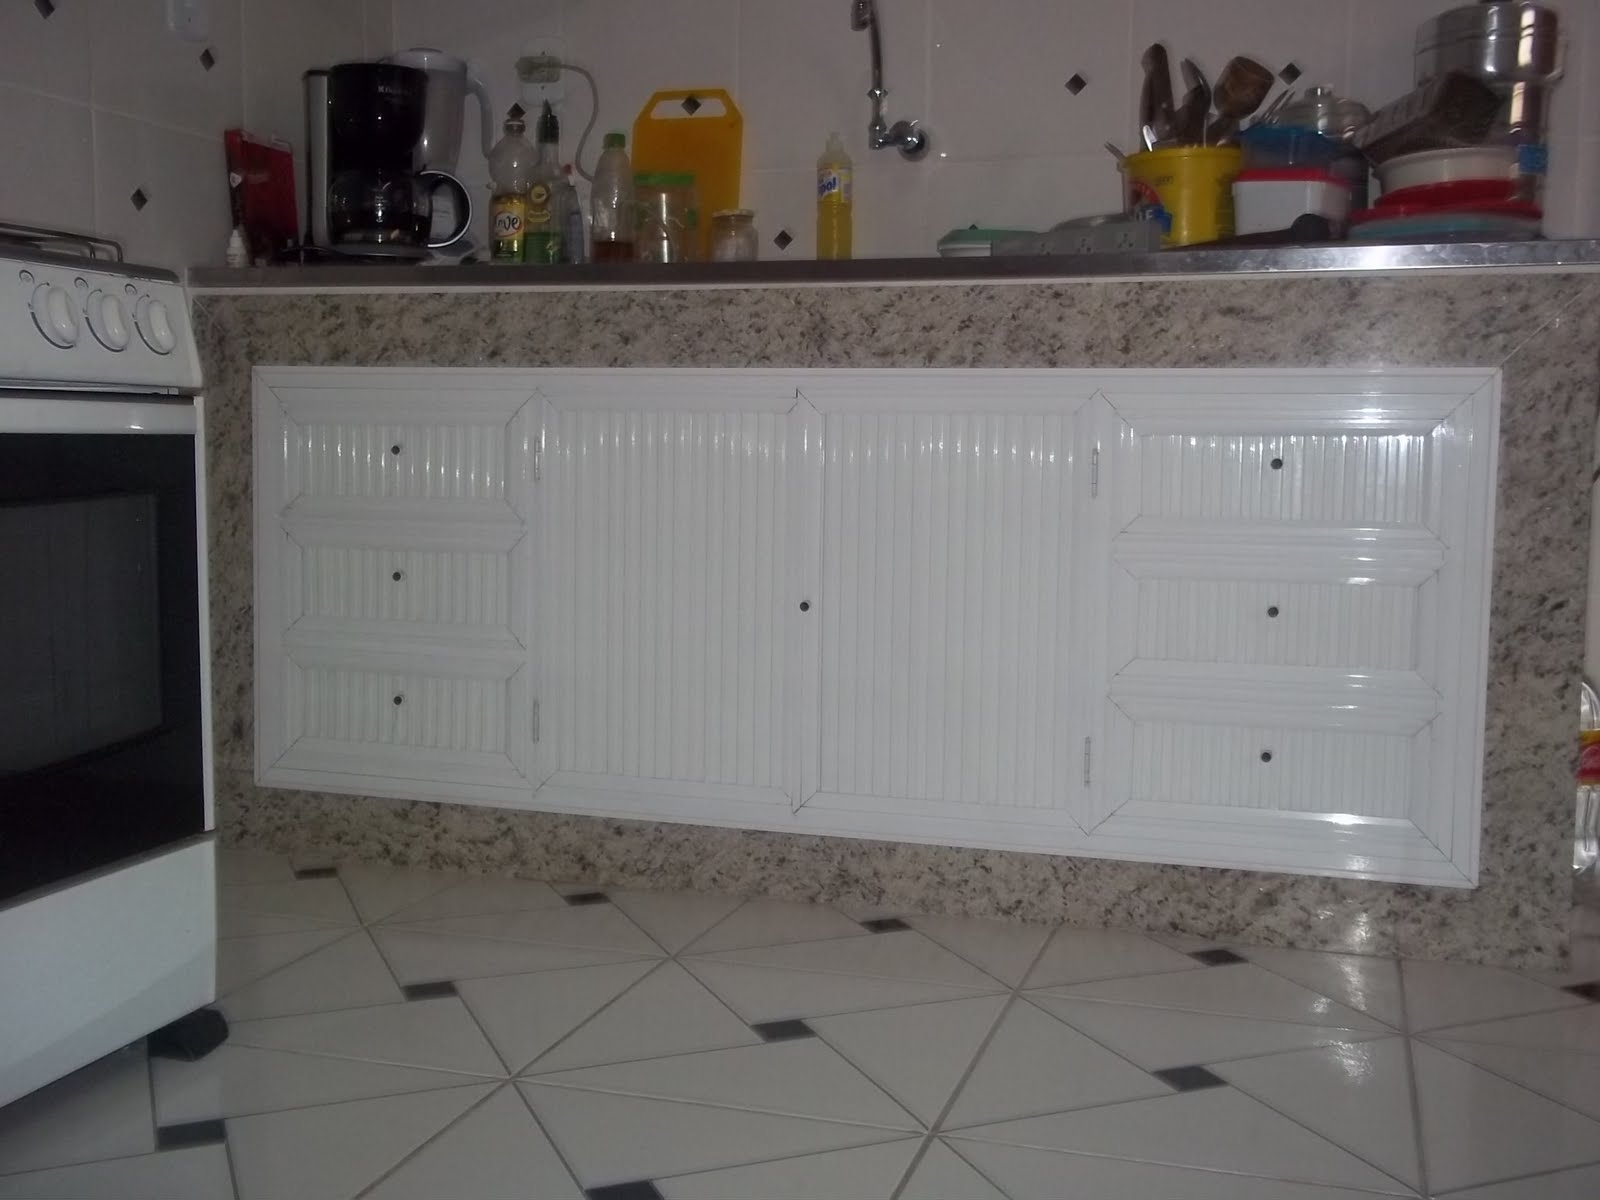 #474355 Armario Para Pia De Cozinha Em Aluminio Idéias do Projeto da Cozinha para a  1600x1200 px Armario De Cozinha Em Aluminio #2973 imagens